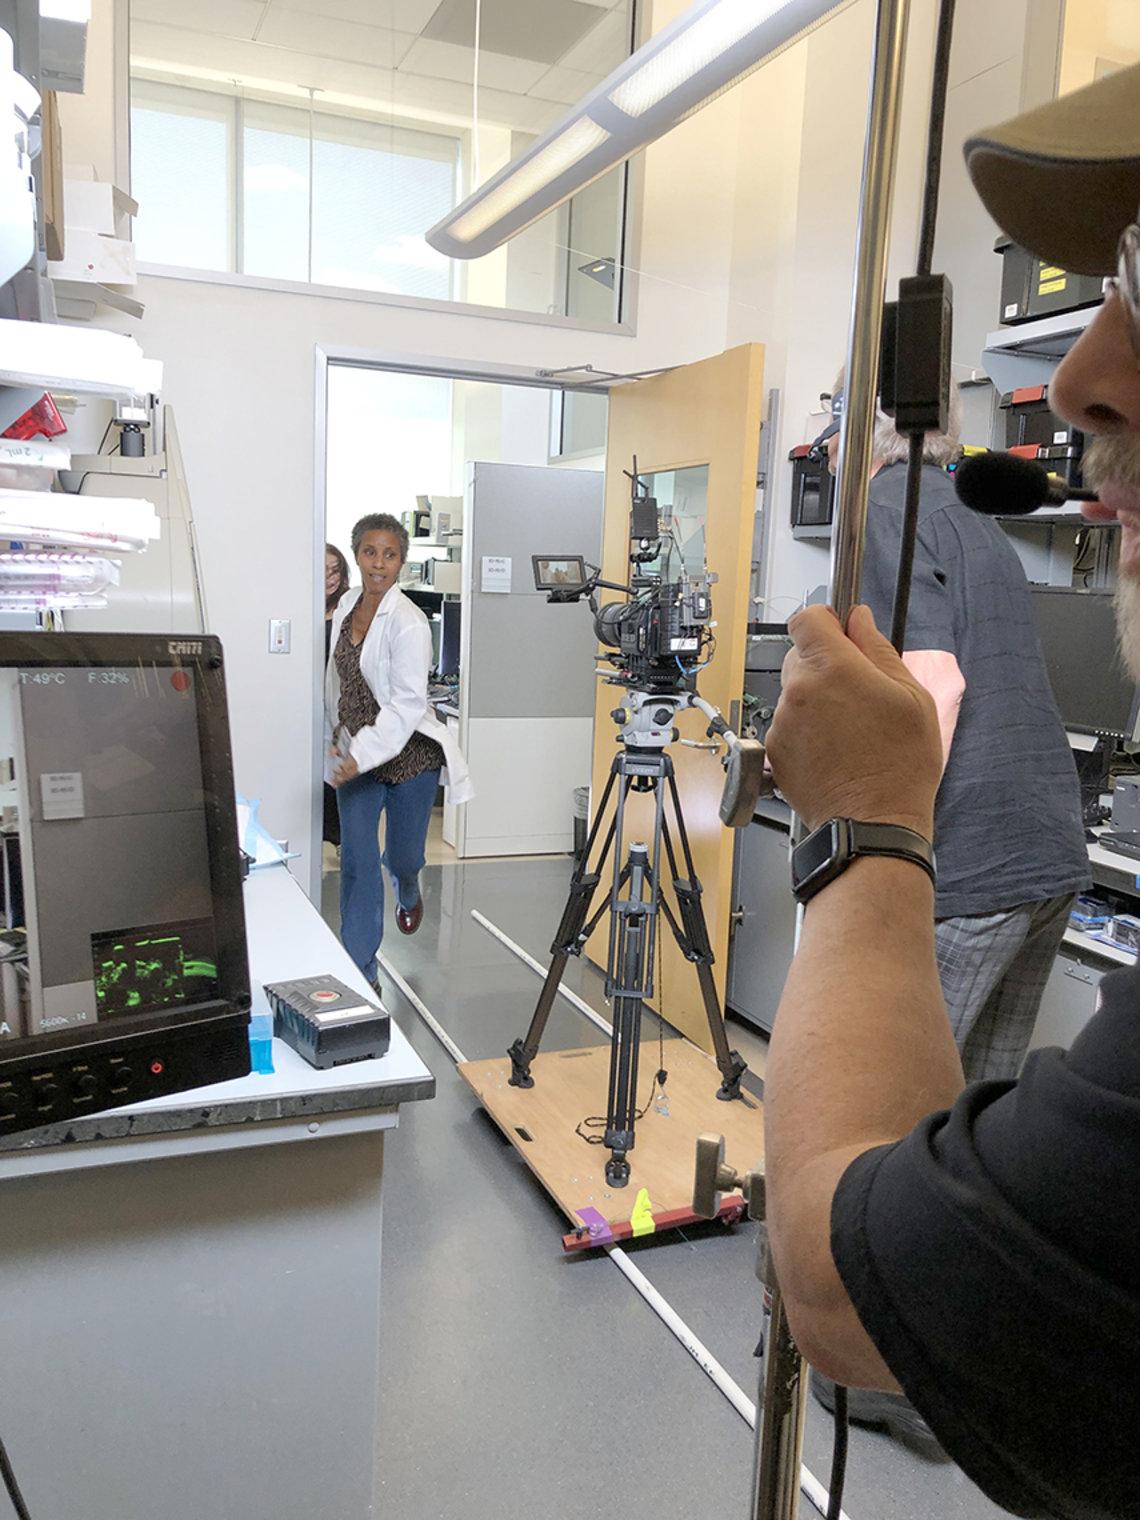 Female actor in lab coat running towards camera